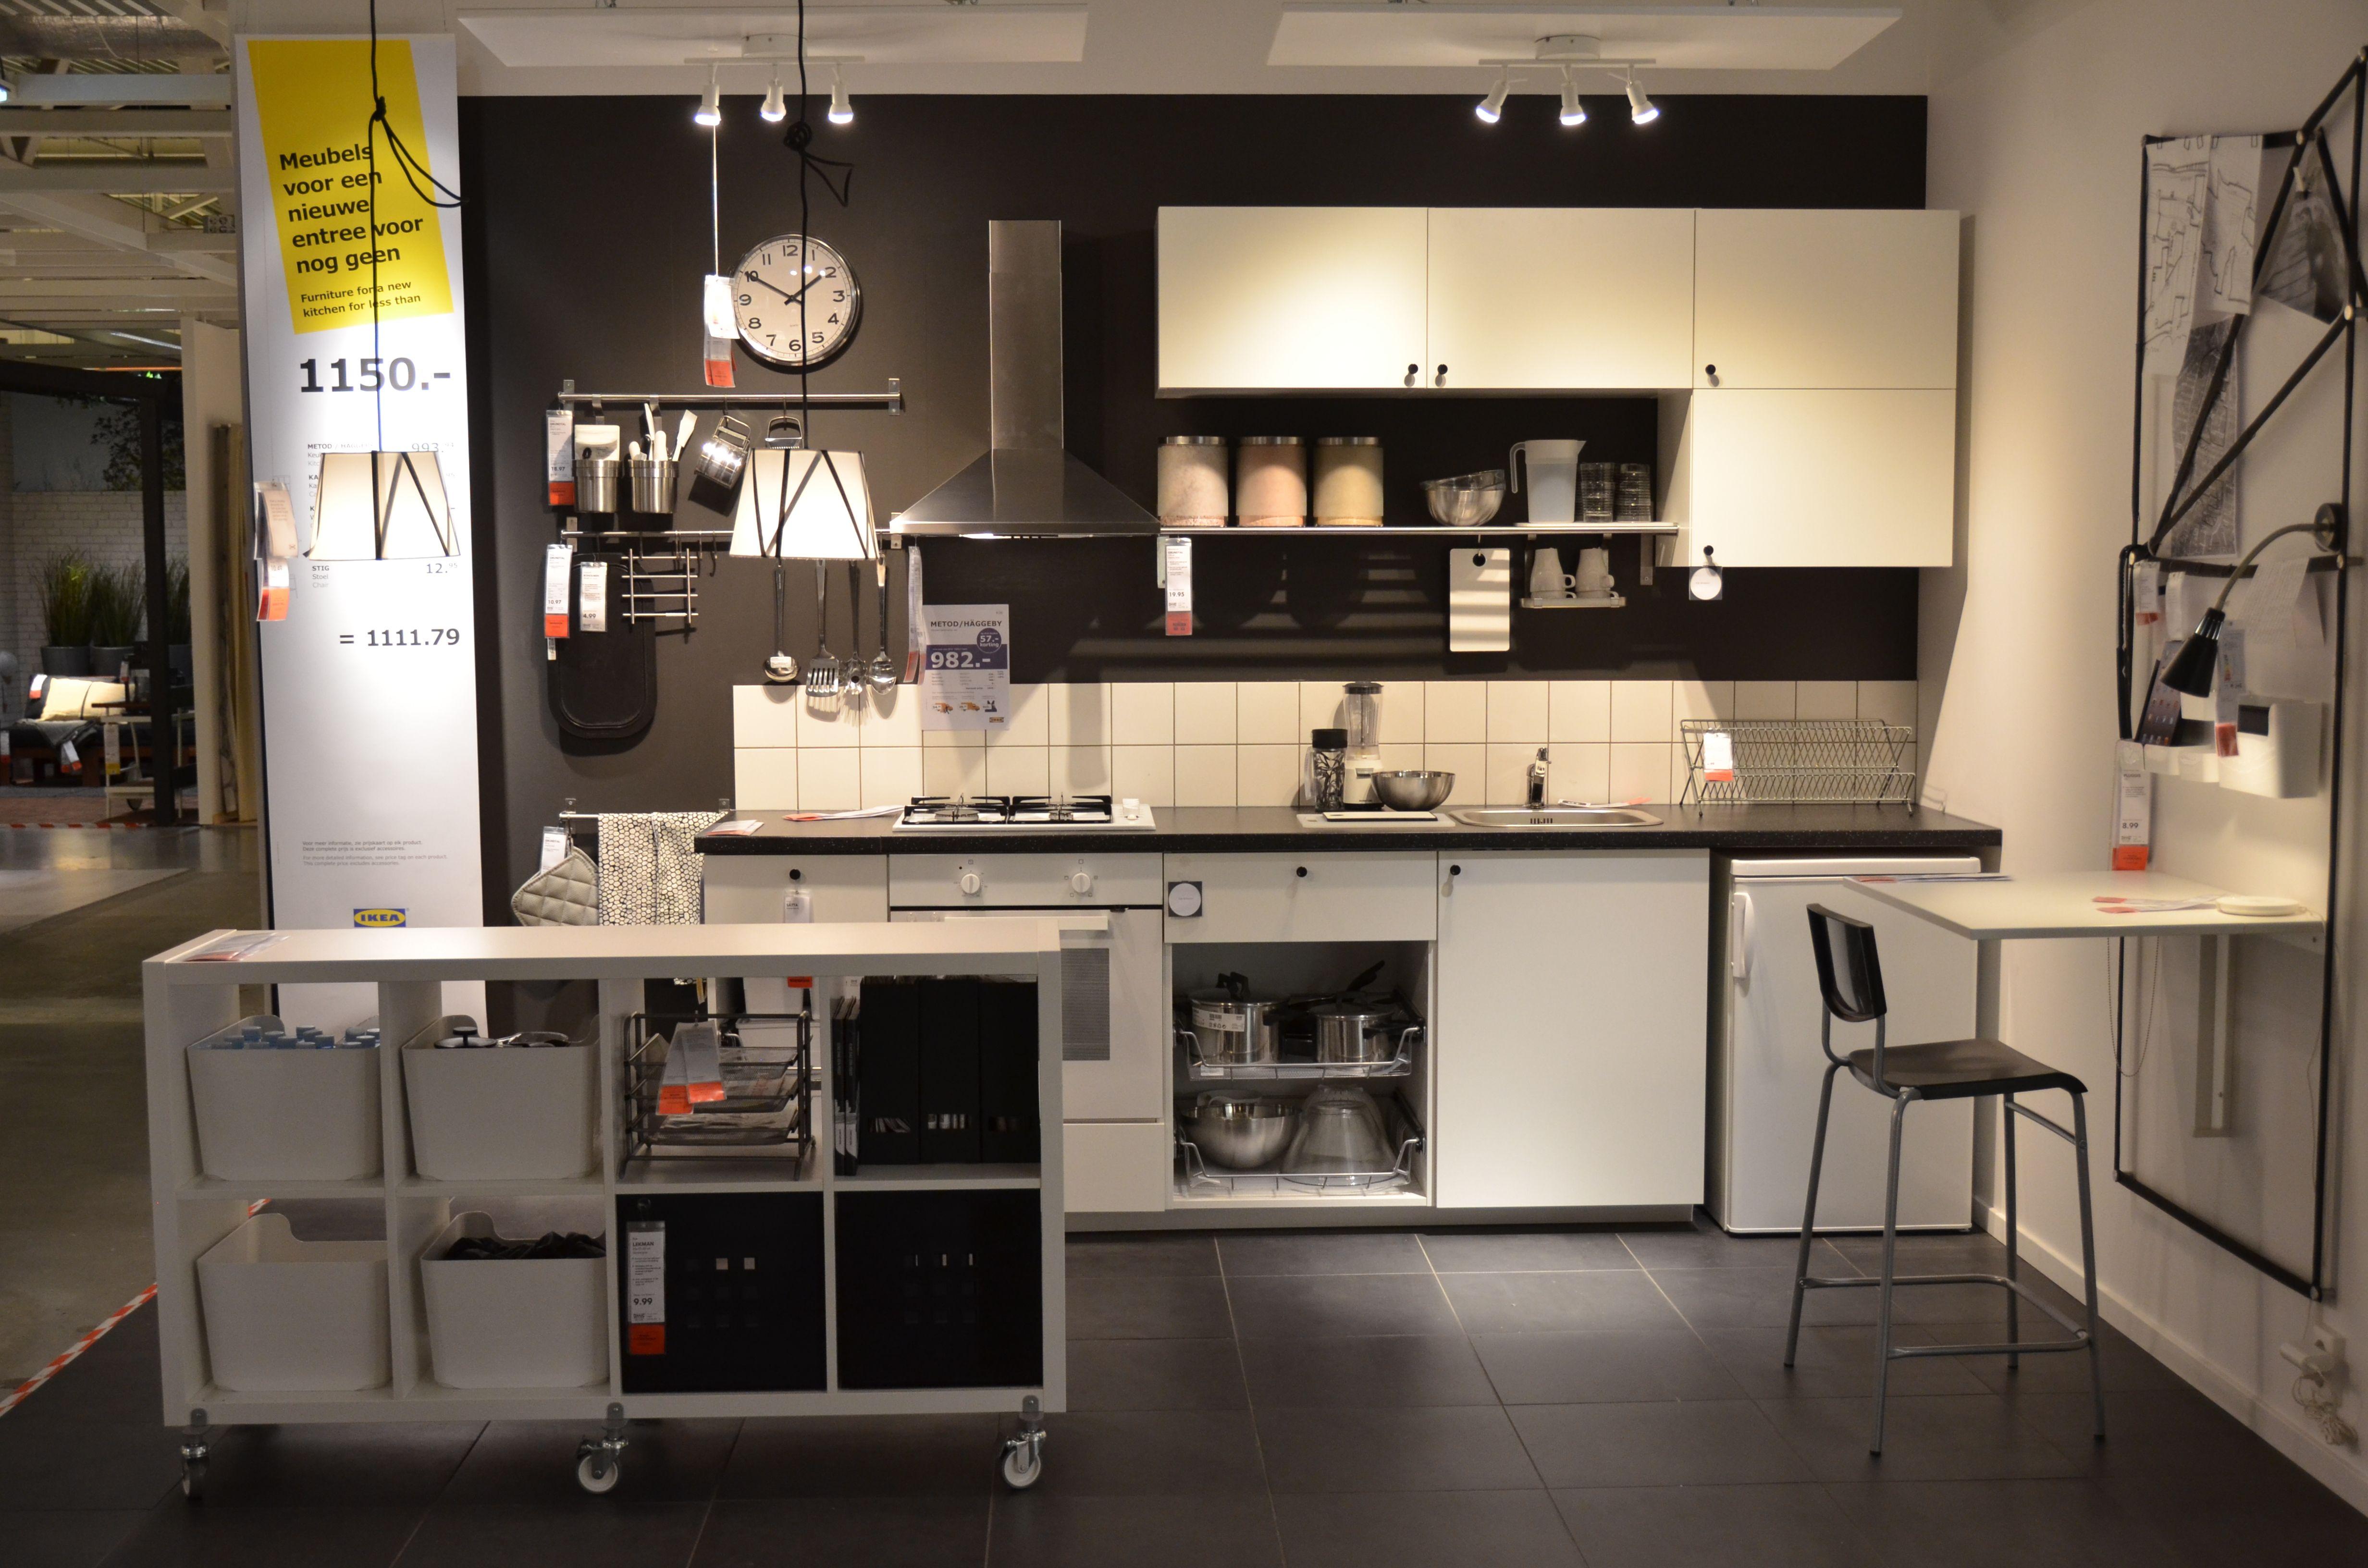 Kitchen shelving units  IKEA Delft  black and white kitchen  METOD kitchen  KALLAX